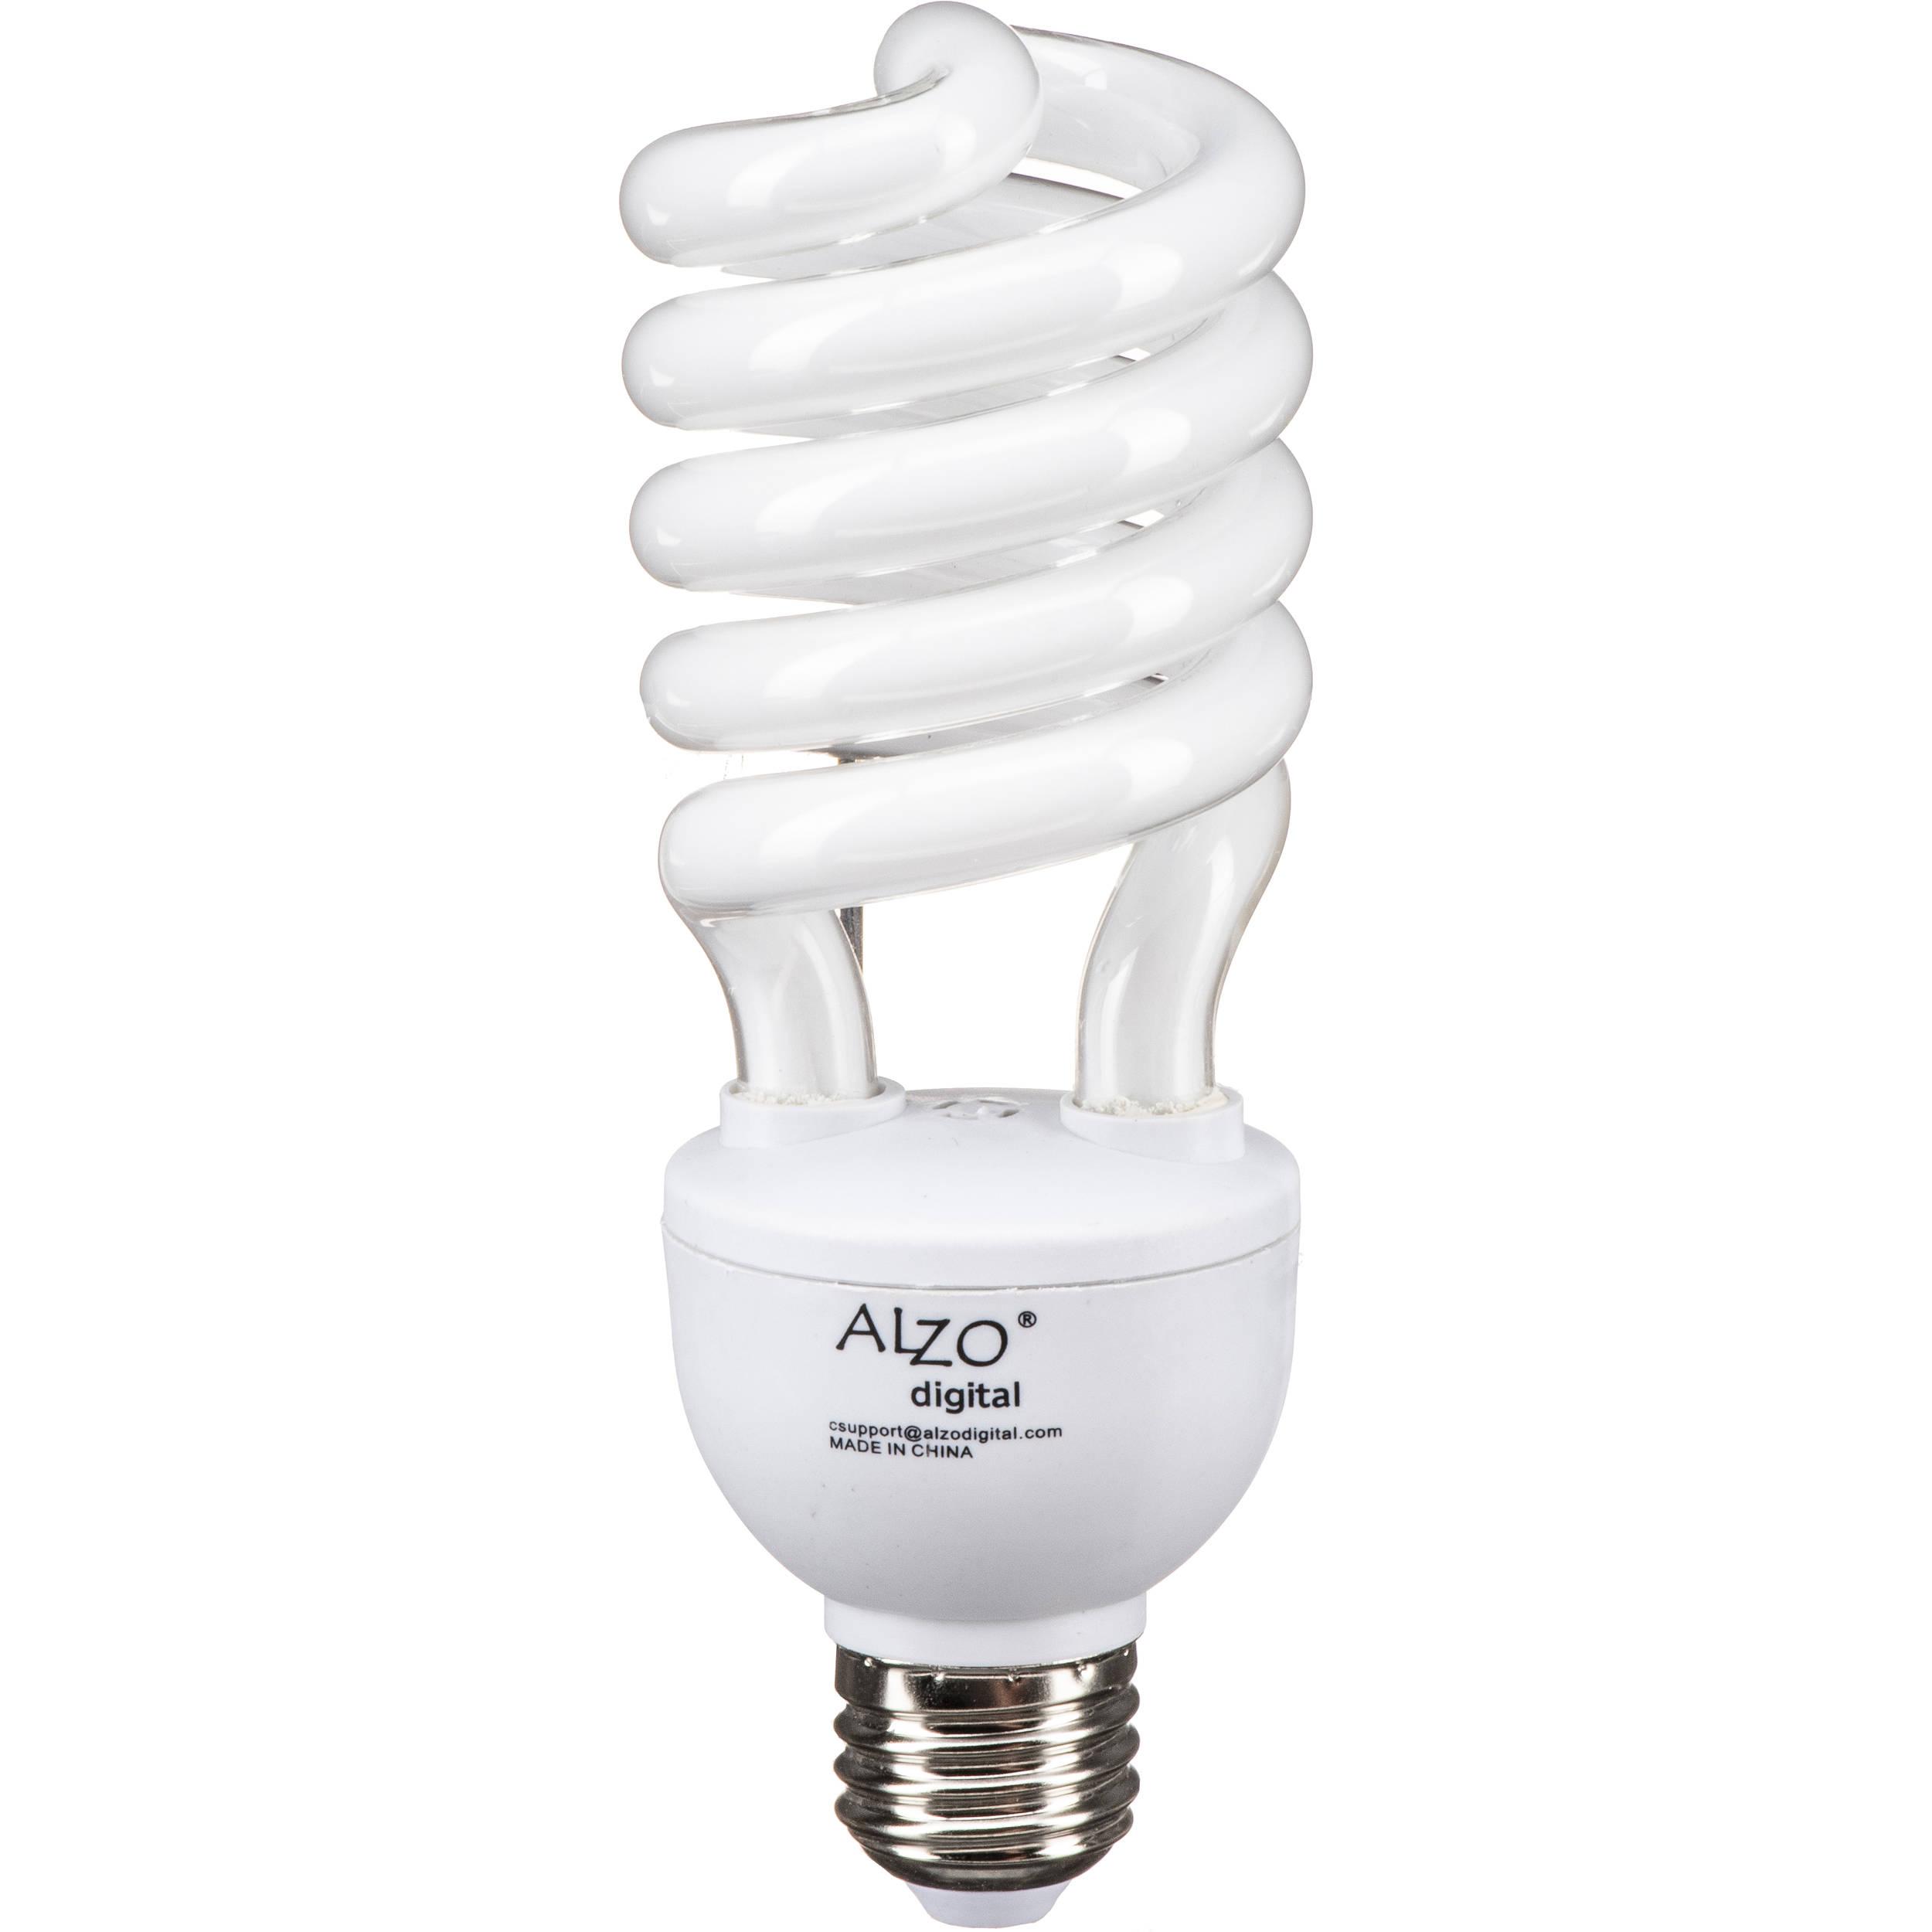 Alzo Cfl Photo Light Bulb 27w 120v 1069 55 B H Photo Video